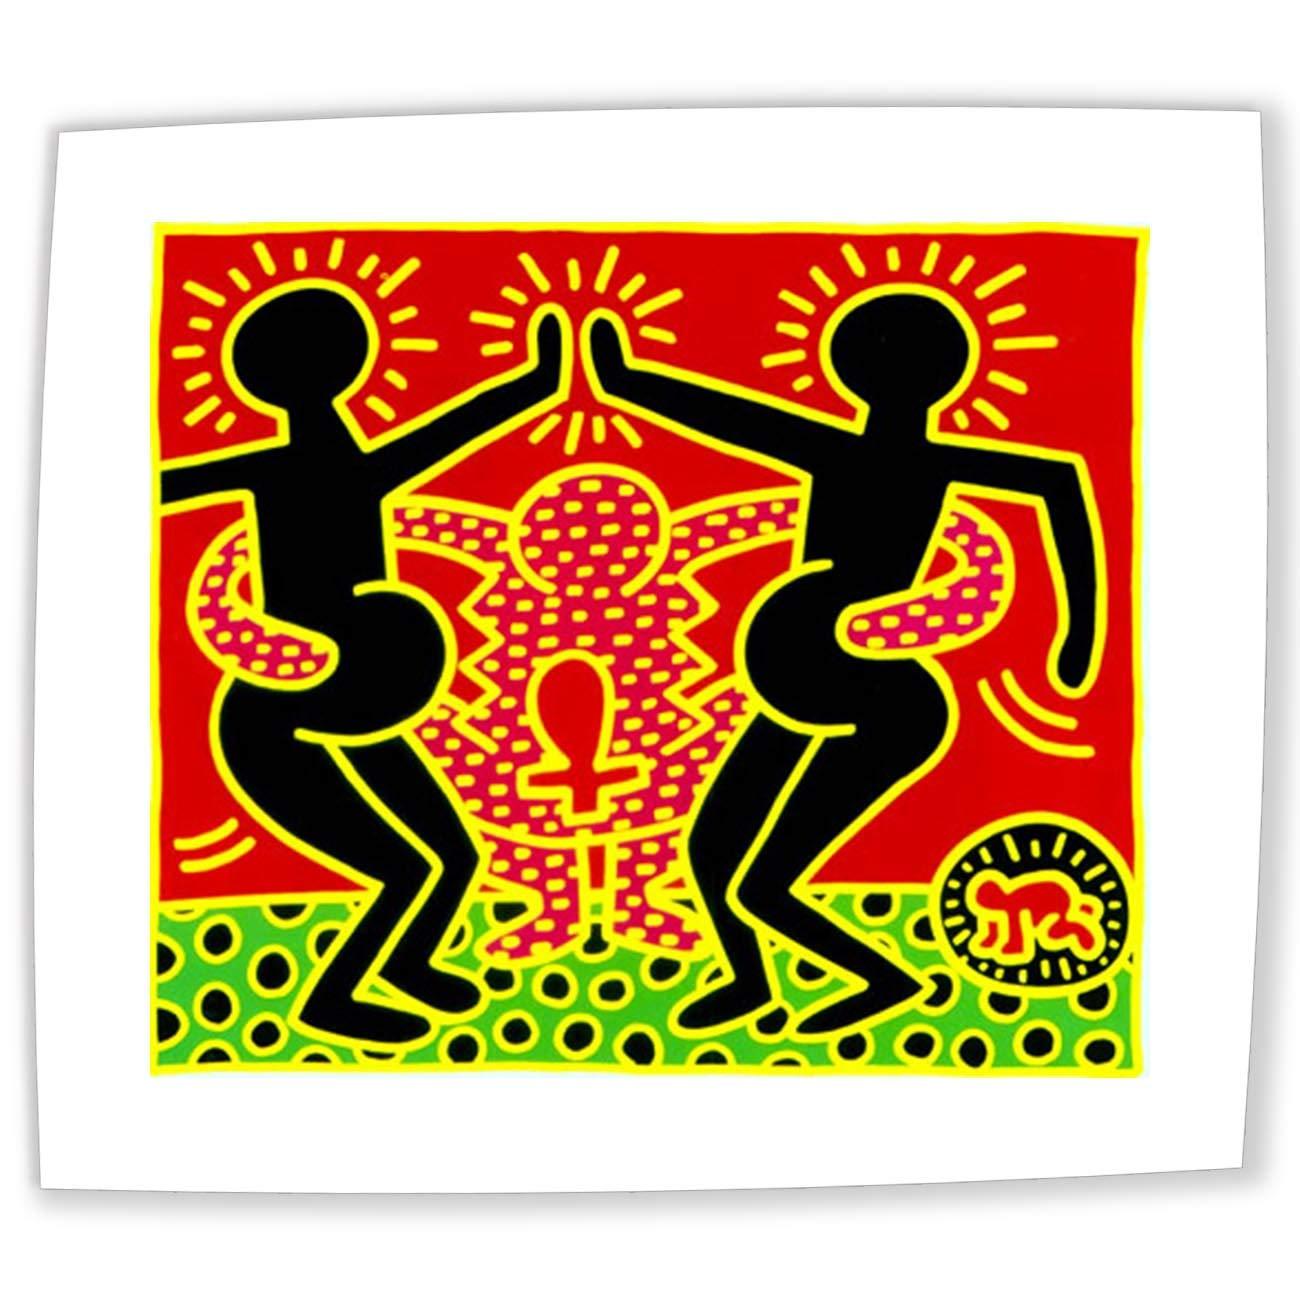 Jh Lacrocon Dipinti A Mano Mose E Il Roveto Ardente 1985 Di Keith Haring 120x95 Cm Riproduzioni Tela Astratta Art Pop Art Graffiti Like Poster Arrotolata Decorazioni Per Interni Casa E Cucina Zlineproducts Com